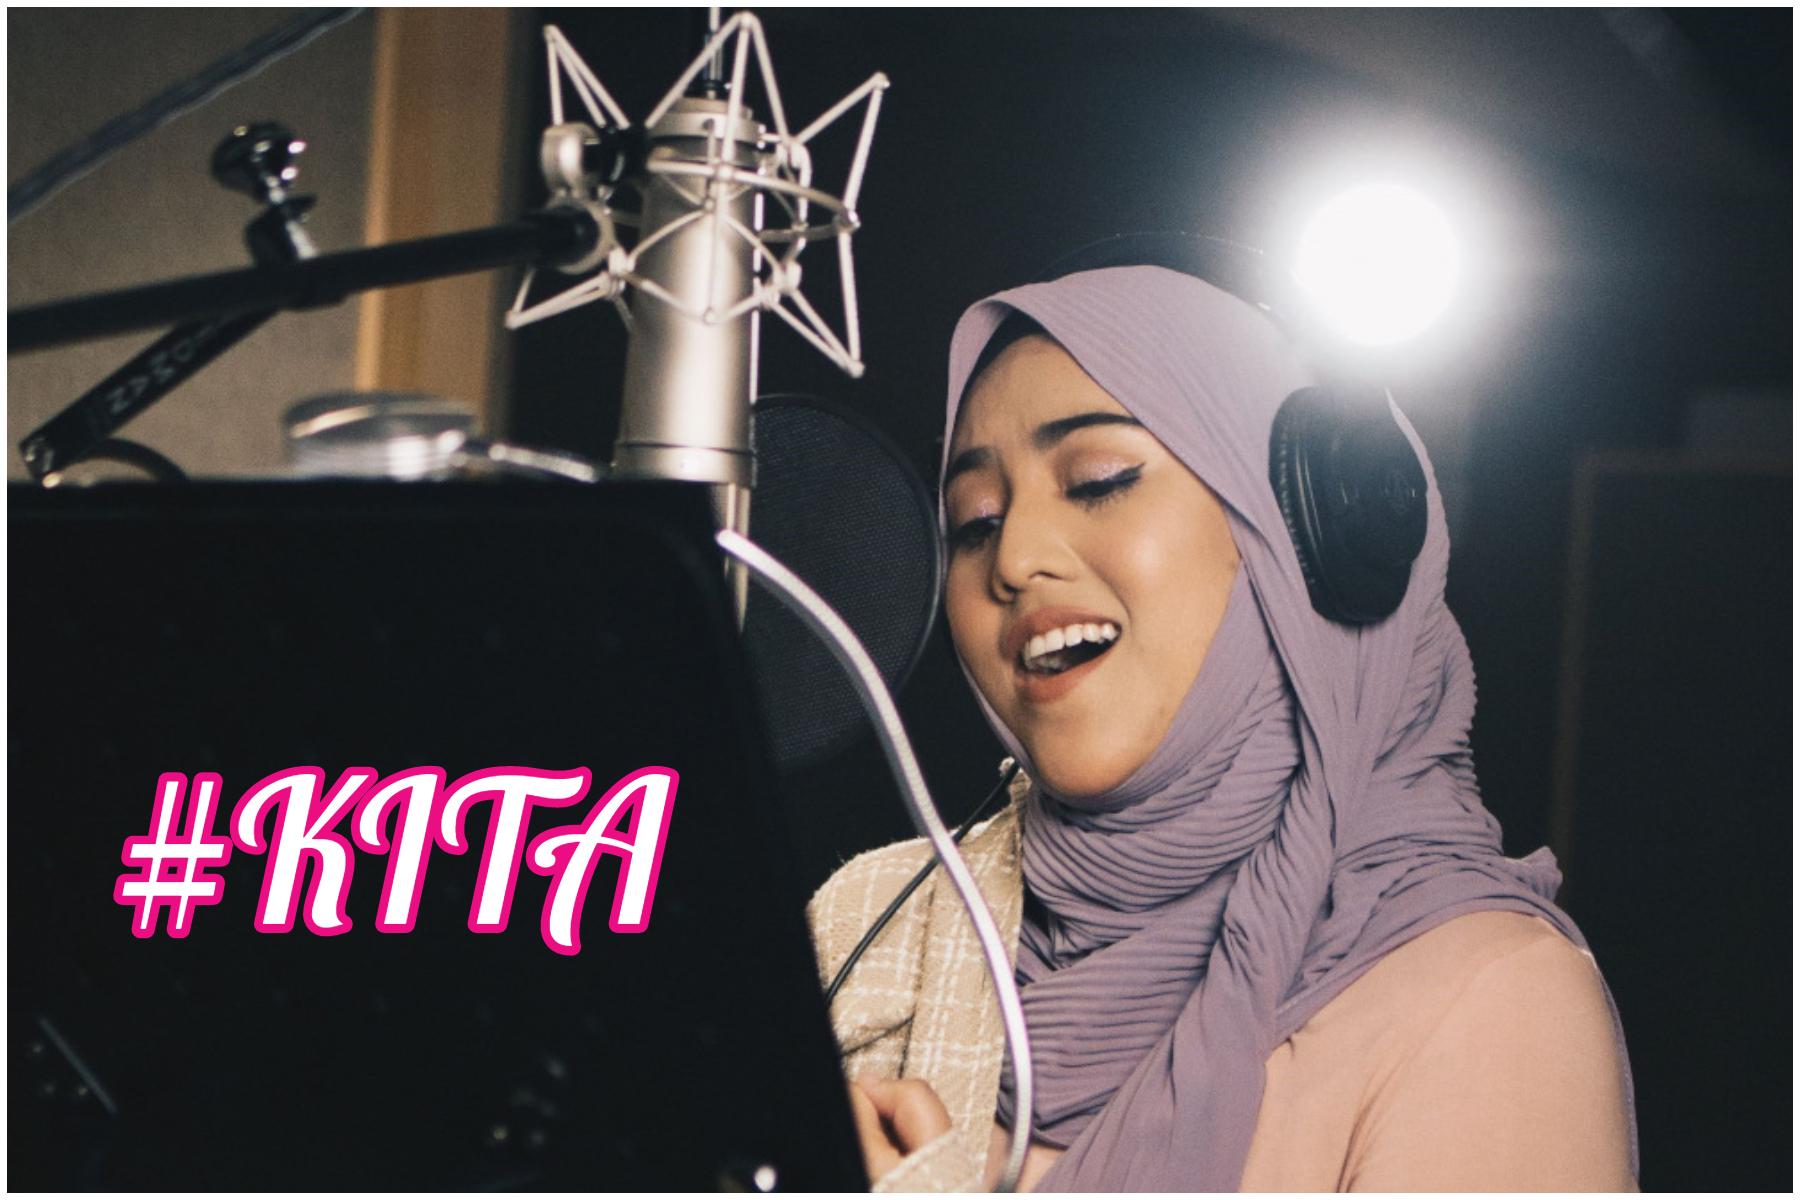 茜拉用感性的声音,以华巫双语唱出国庆微电影《我们KITA》主题曲。-GME Malaysia提供/精彩大马制图-